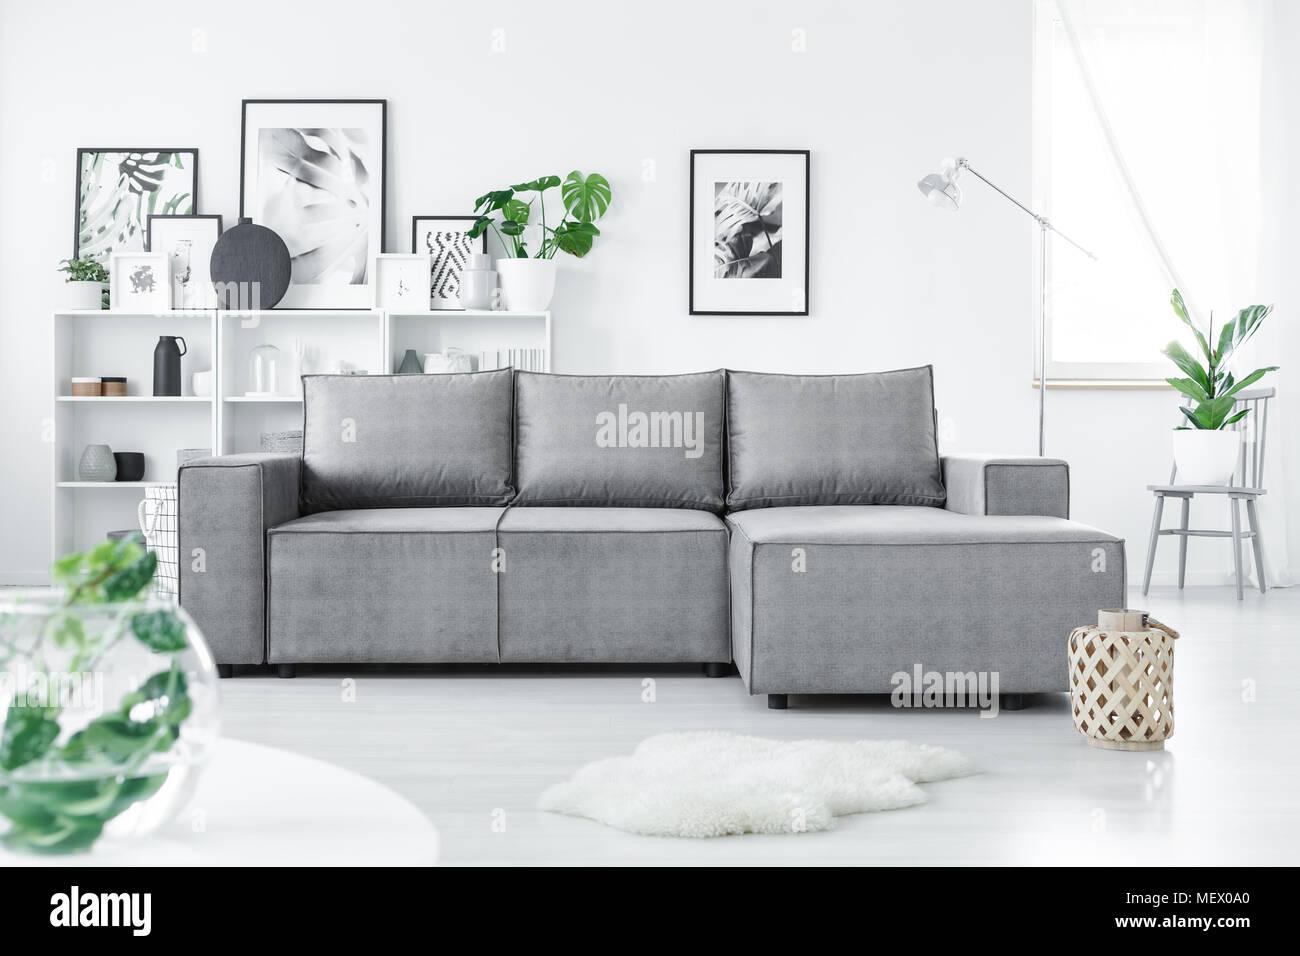 https www alamyimages fr canape d angle gris en blanc permanent salon interieur avec des plantes vertes et de nombreuses affiches image181279896 html